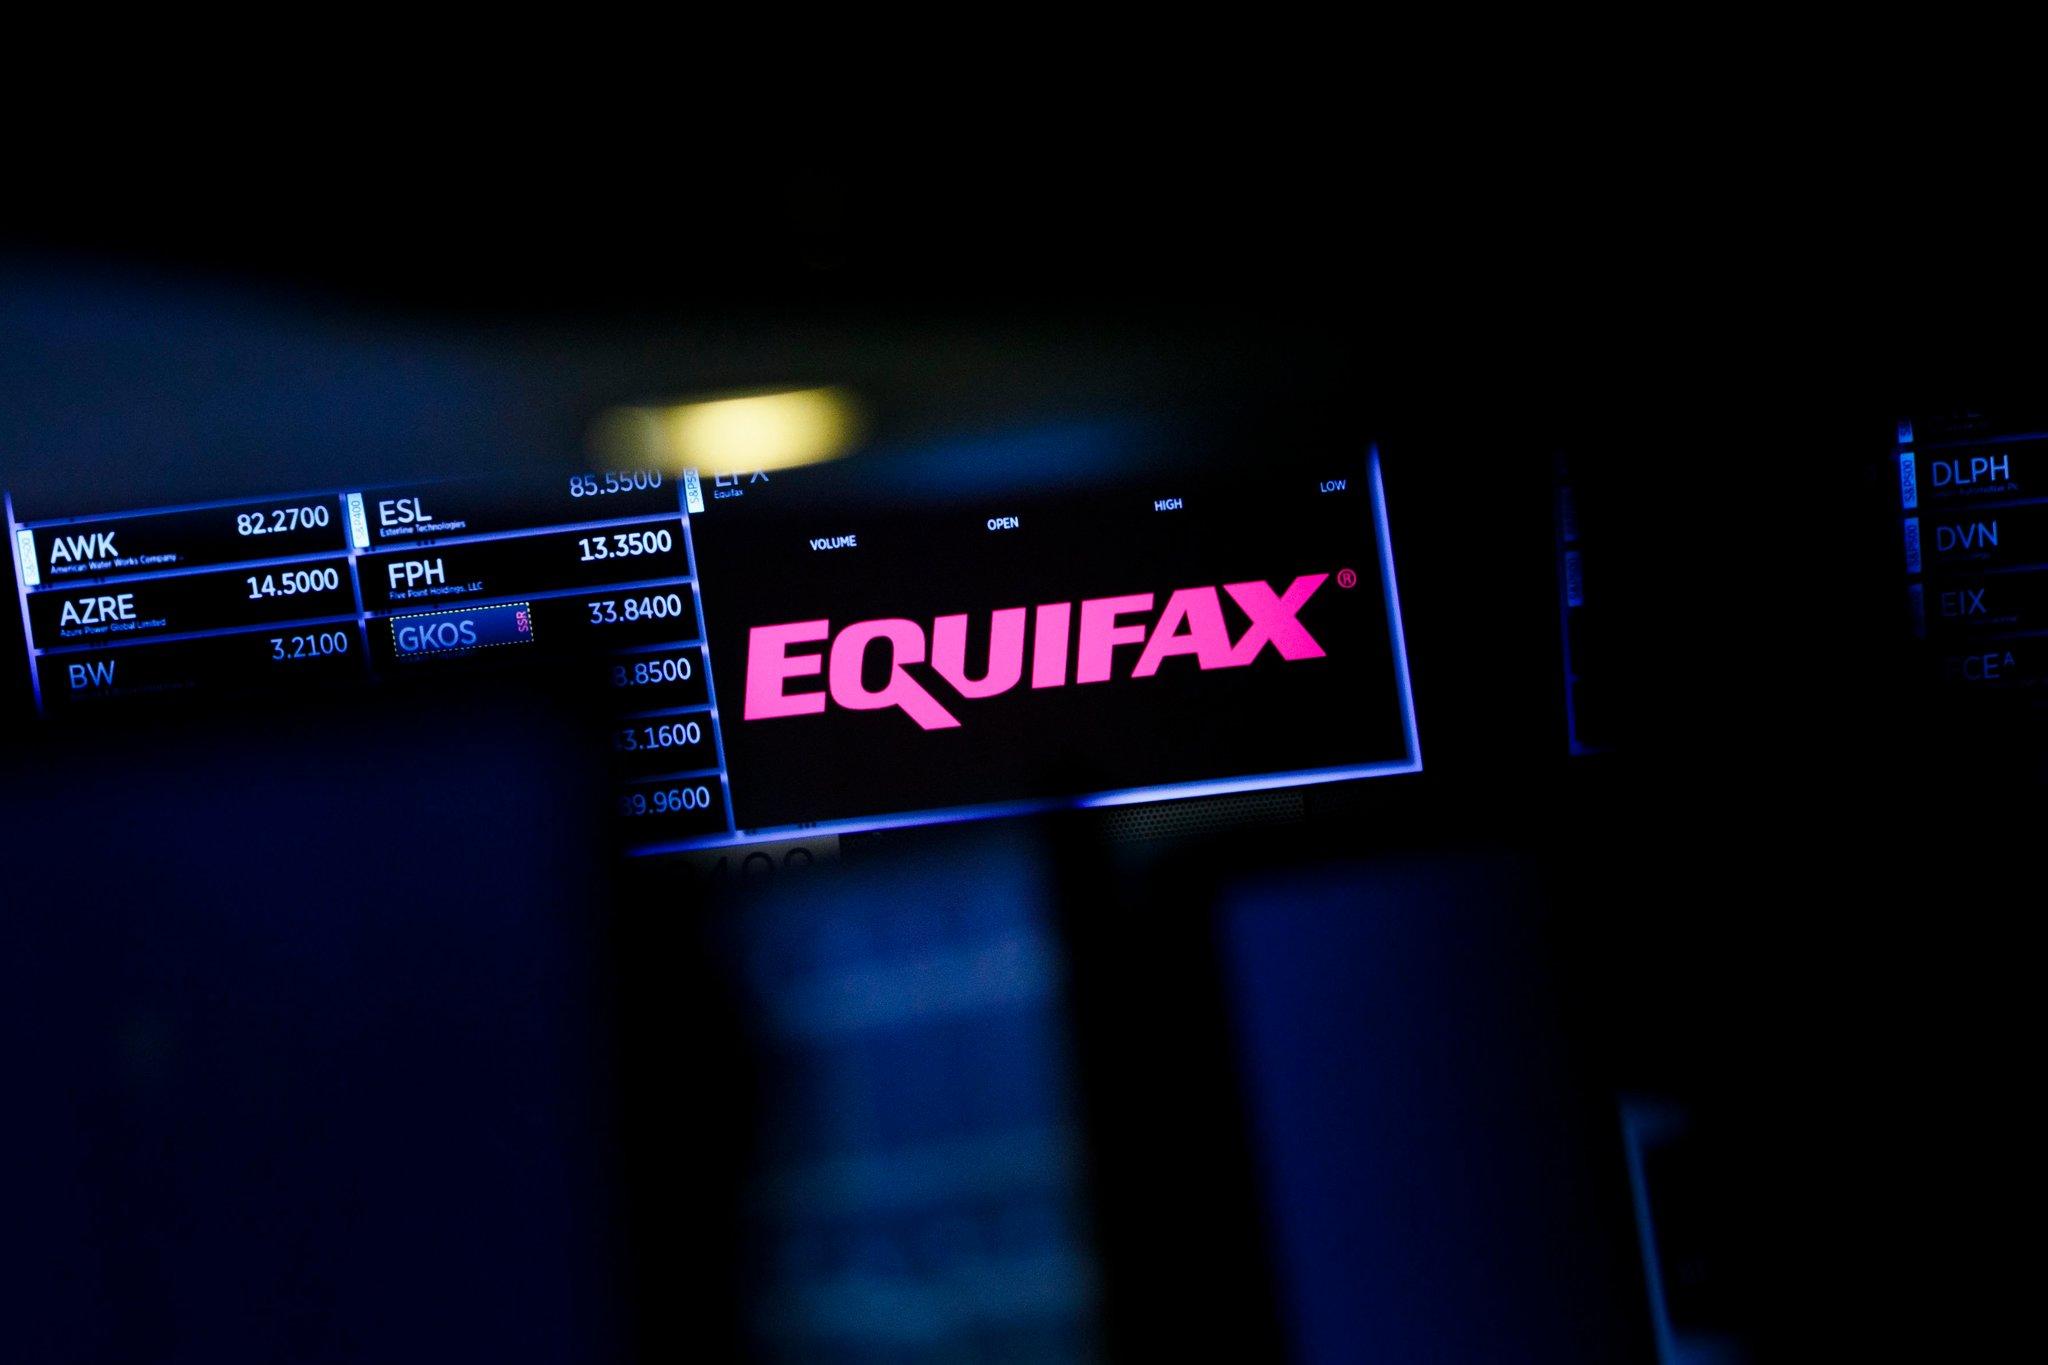 សហរដ្ឋអាមេរិចបានចោទប្រកាន់ មន្រ្តីយោធាចិននៅក្នុងឆ្នាំ ២០១៧ ពីការលួចចូលក្រុមហ៊ុន Equifax